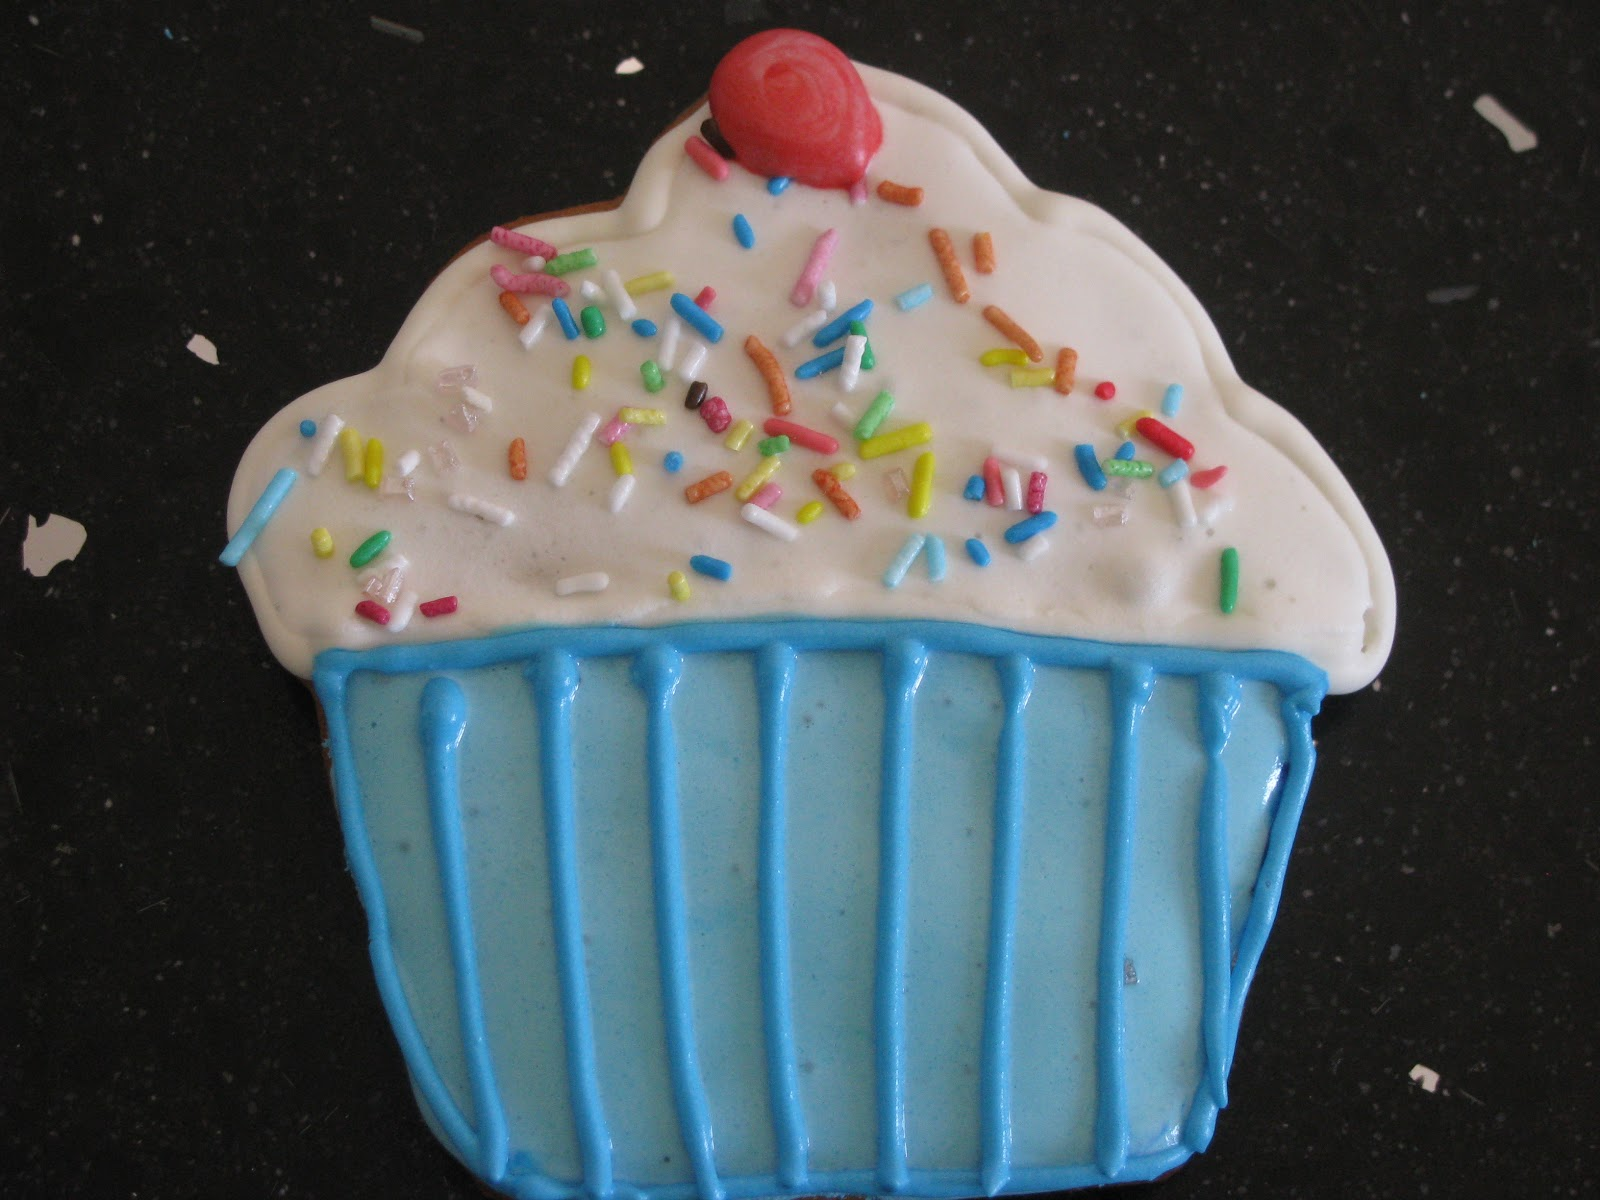 Le torte di lara biscotti decorati con glassa reale - Decorazioni torte con glassa ...